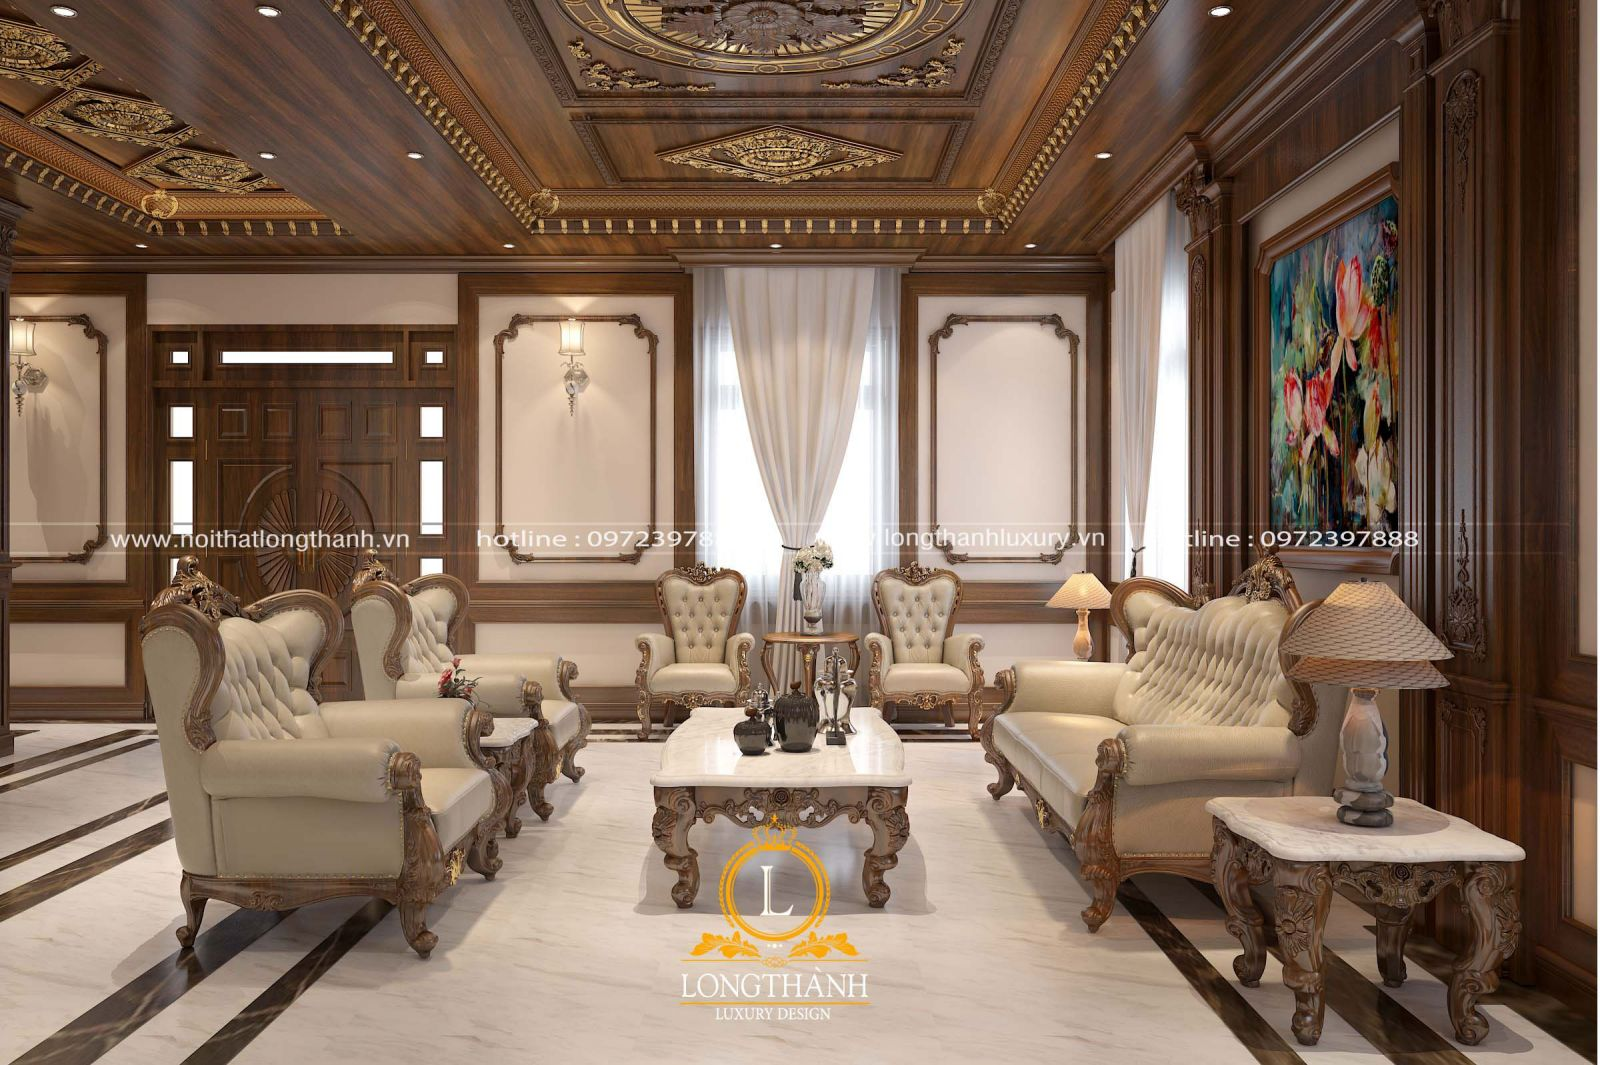 Bộ sofa được sử dụng chất lượng gỗ tự nhiên và da tự nhiên cao cấp